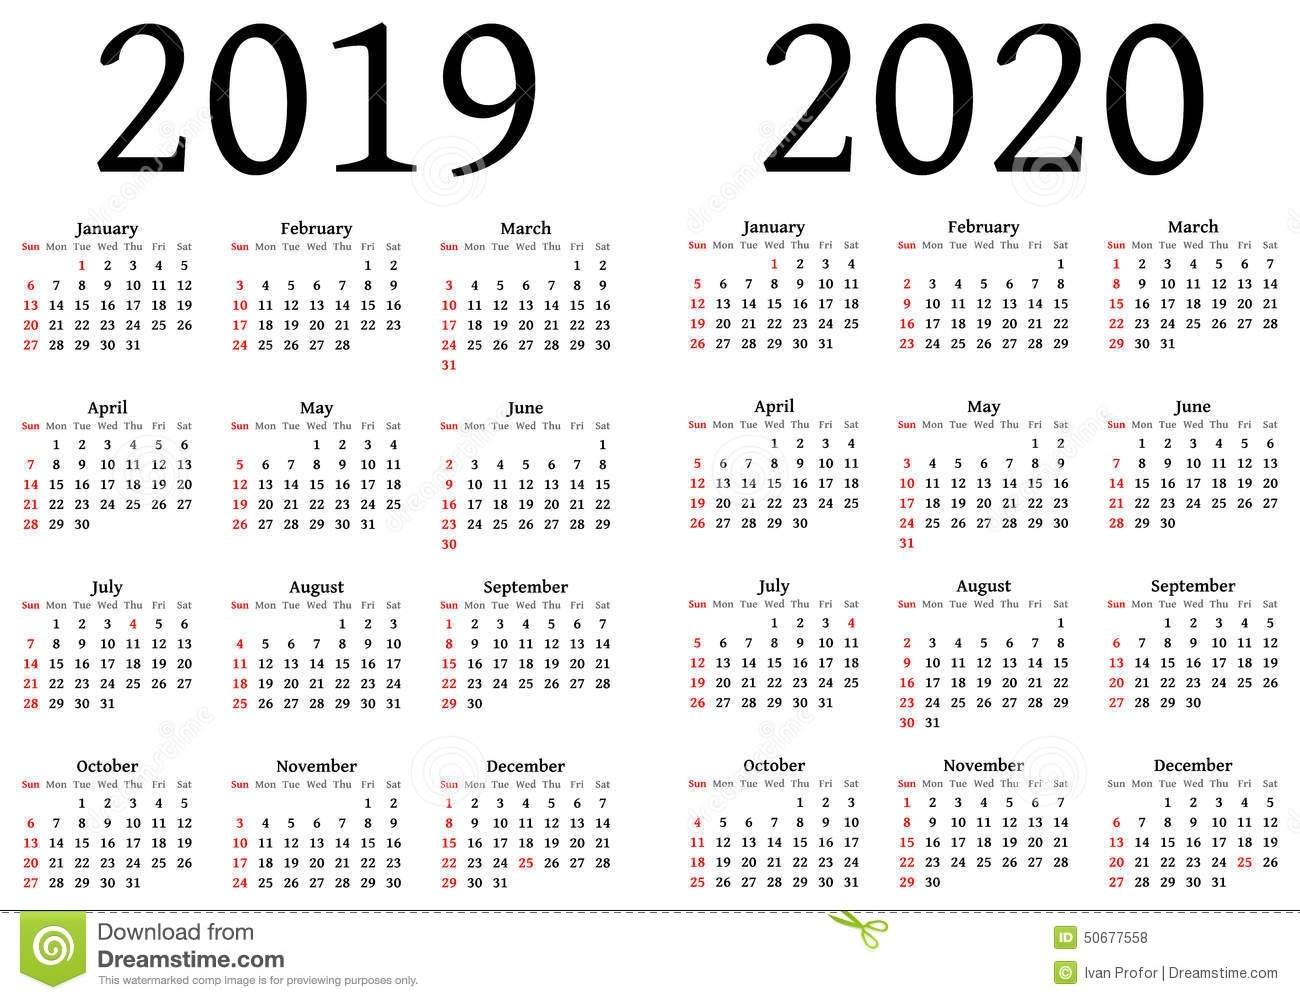 Printable Calendar For 2019 And 2020   Printable Calendar 2019 regarding Printable Fill In Calendar 2019 - 2020